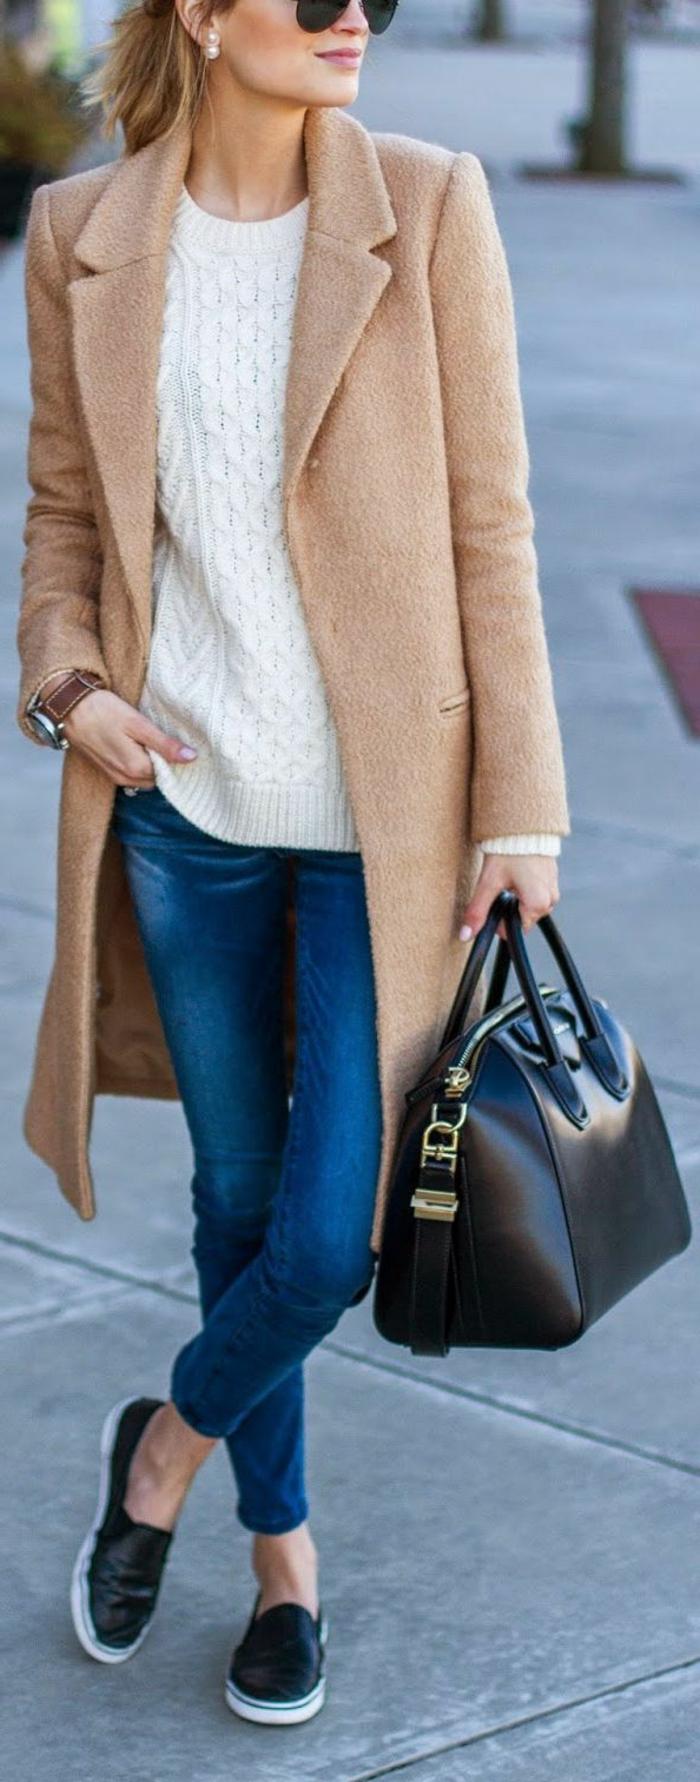 outfit-casual-chic-donna-cappotto-beige-jeans-scarpe-nere-abbinate-borsa-pelle-tracolla-maglione-bianco-lana